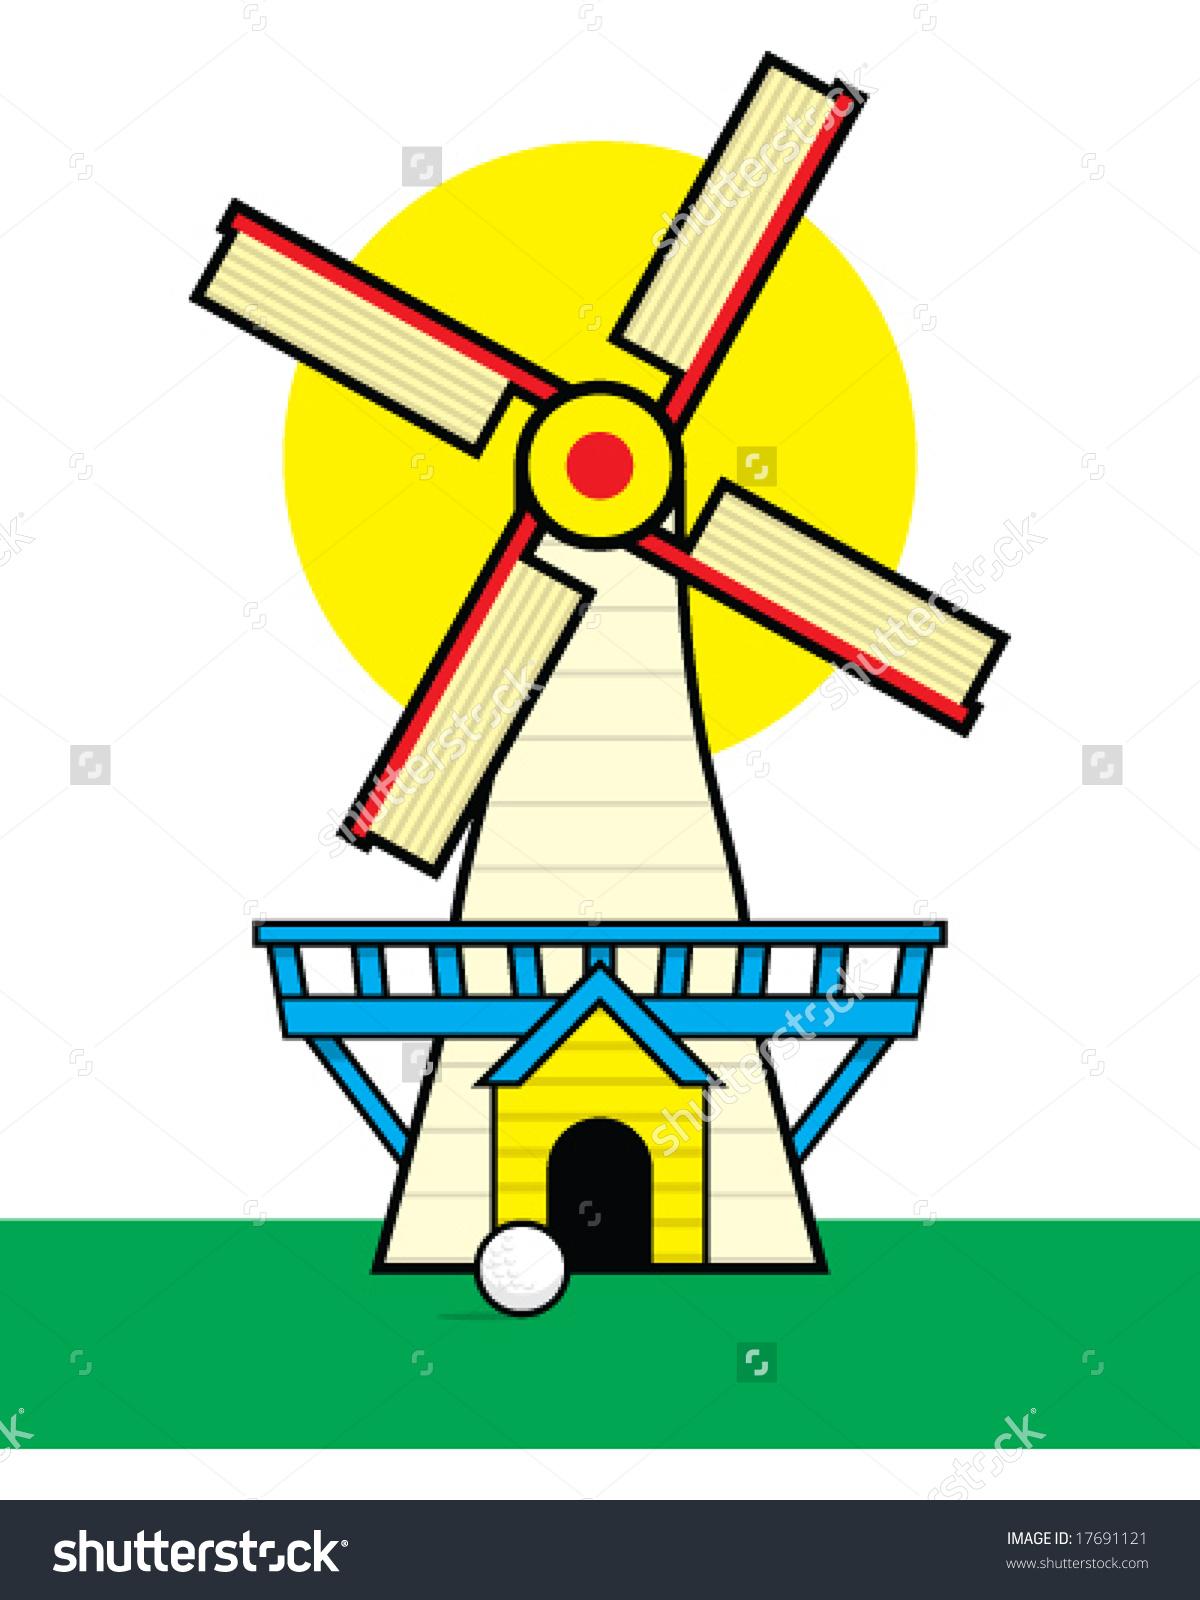 Golf Course clipart putt putt golf Clipart windmill windmill Mini clipart